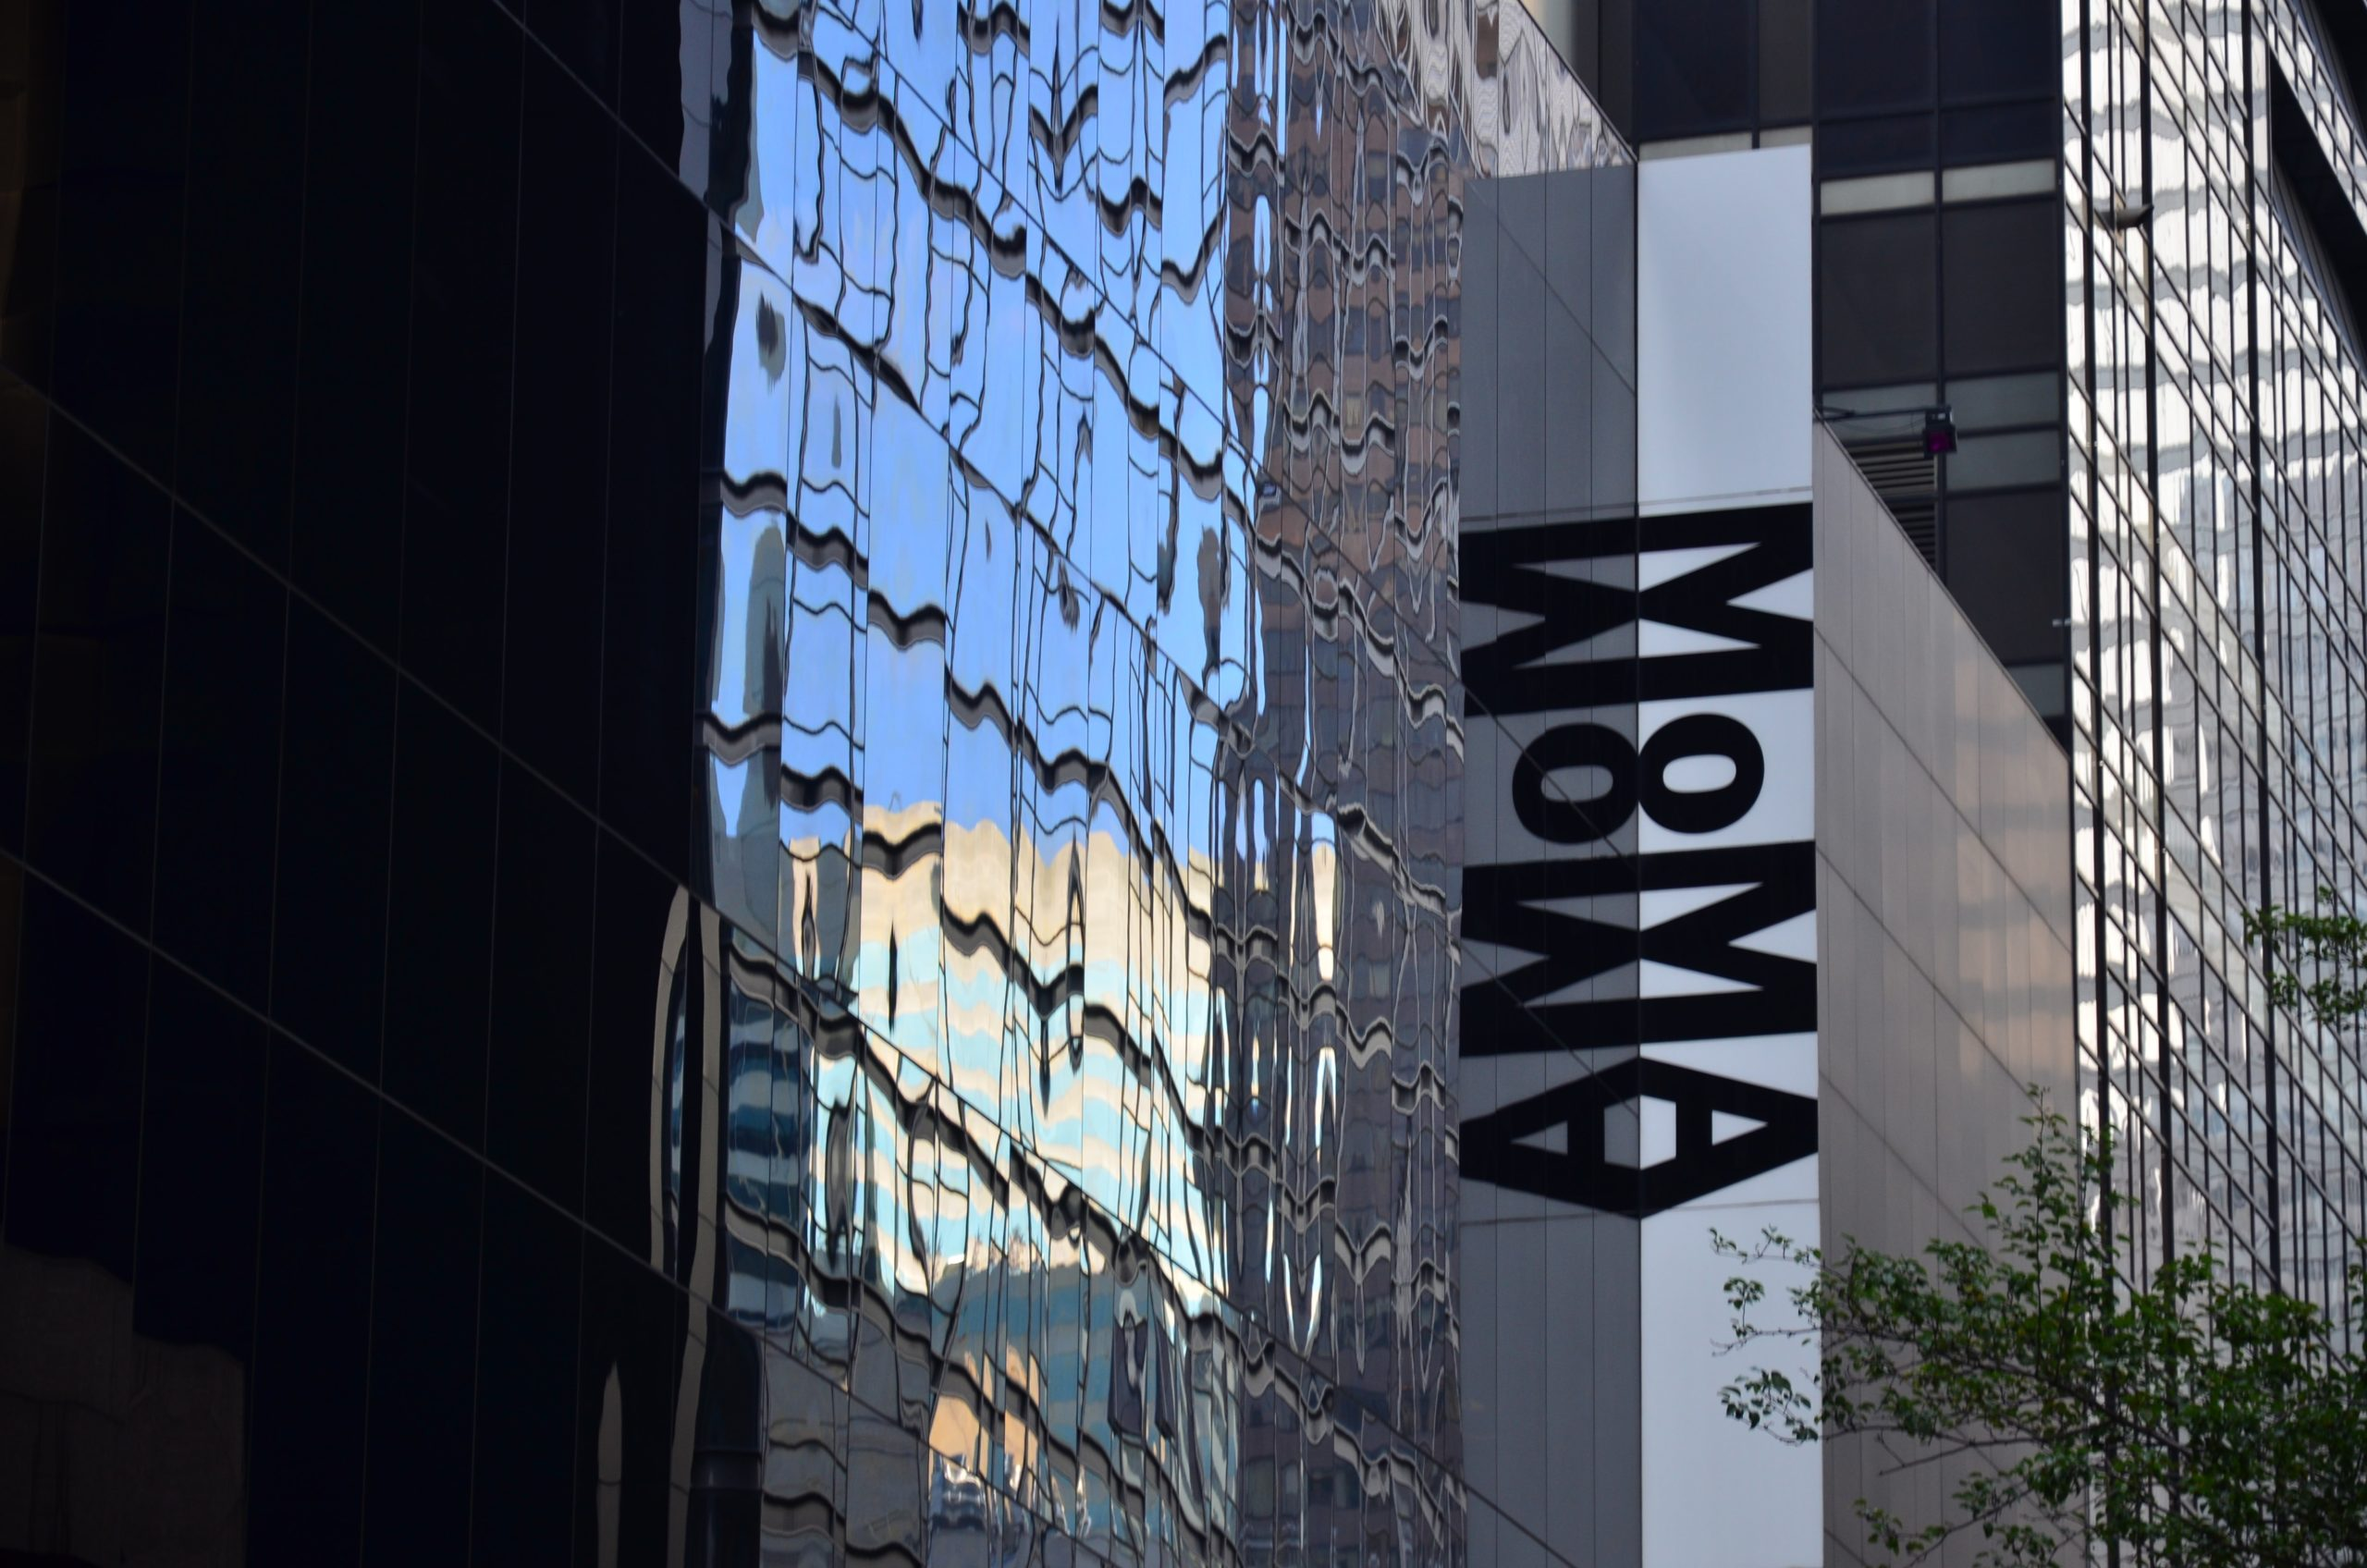 París recorre la historia de la fotografía moderna con colección del MoMA